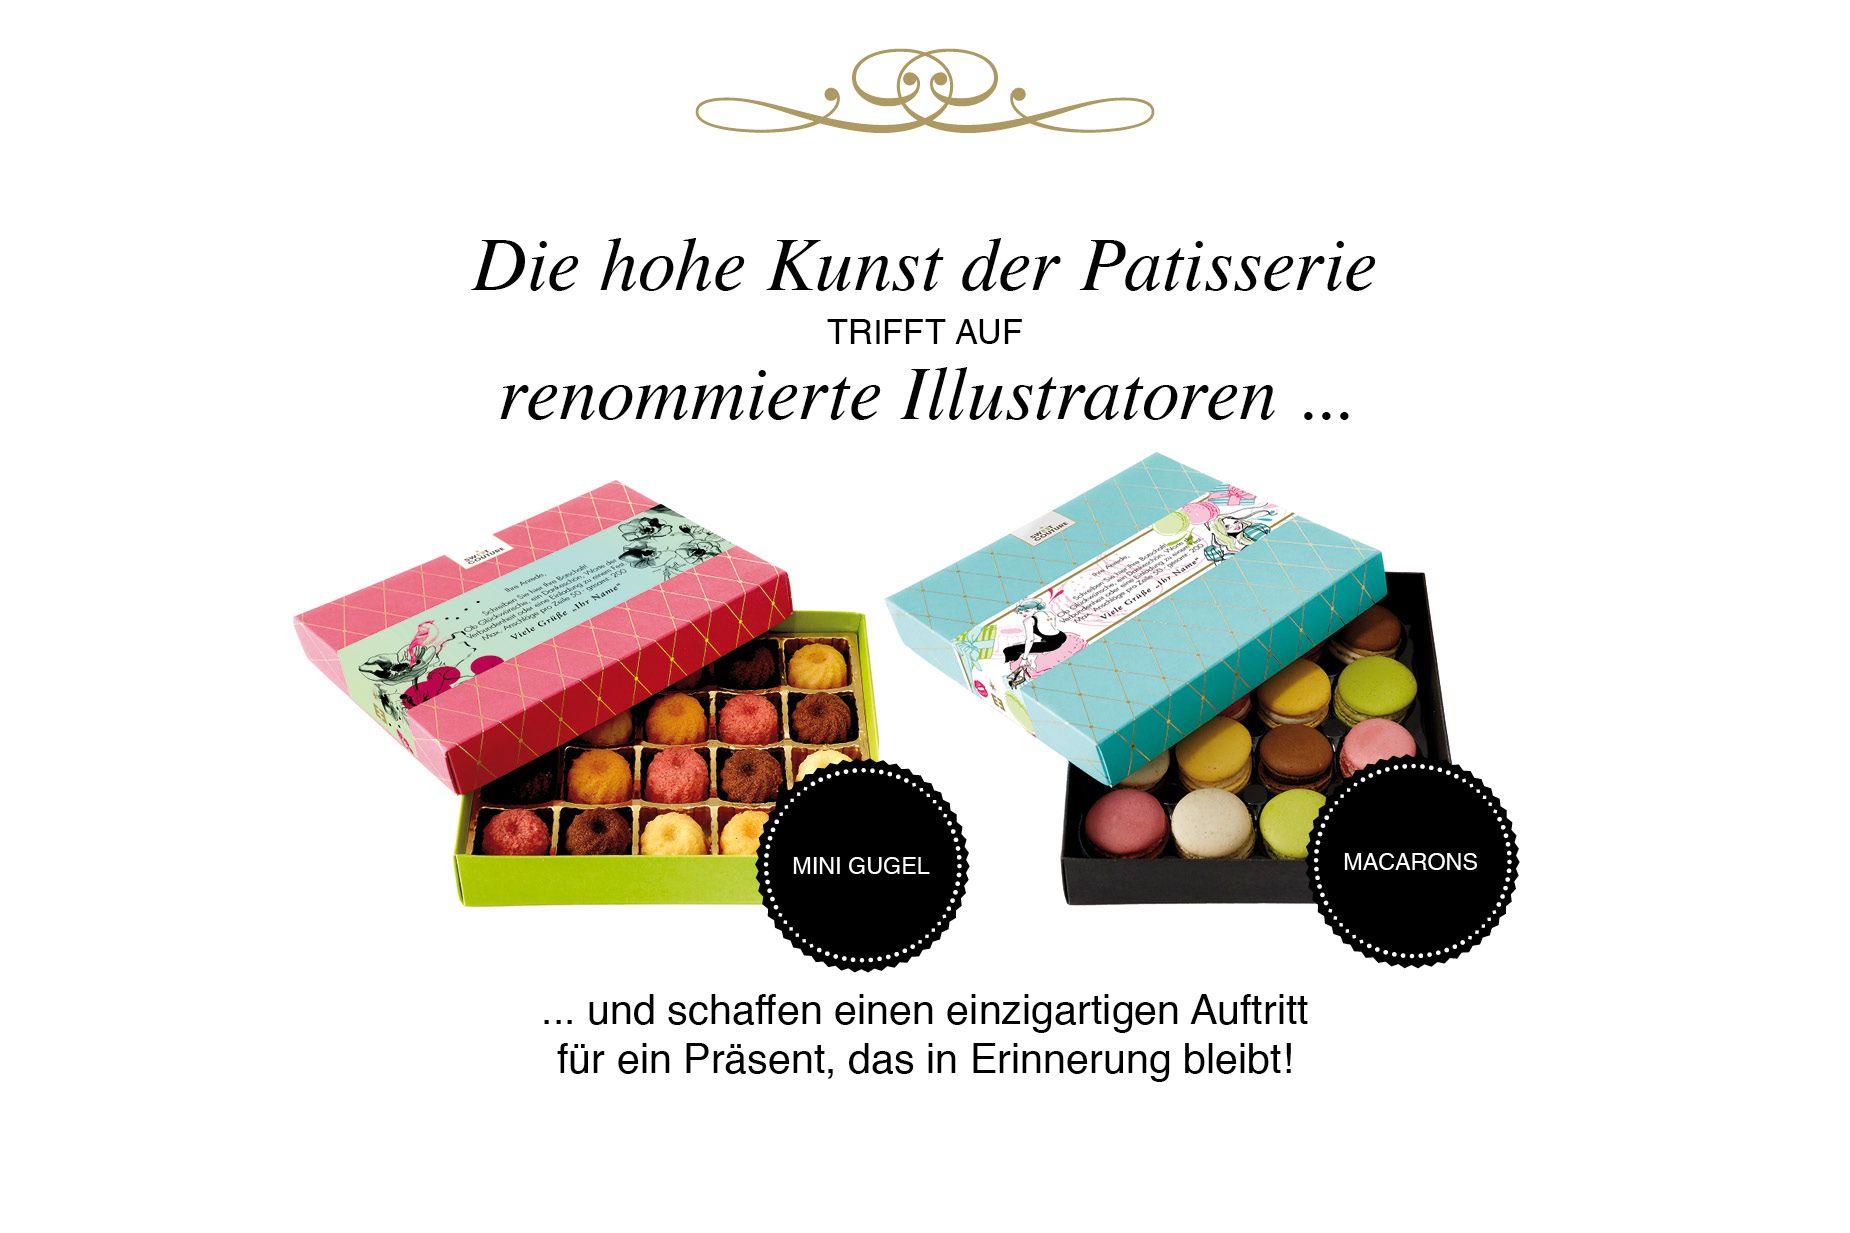 Für €18,90 direkt zum Versenden!  #macarons  #sweets #cake #illustration #present